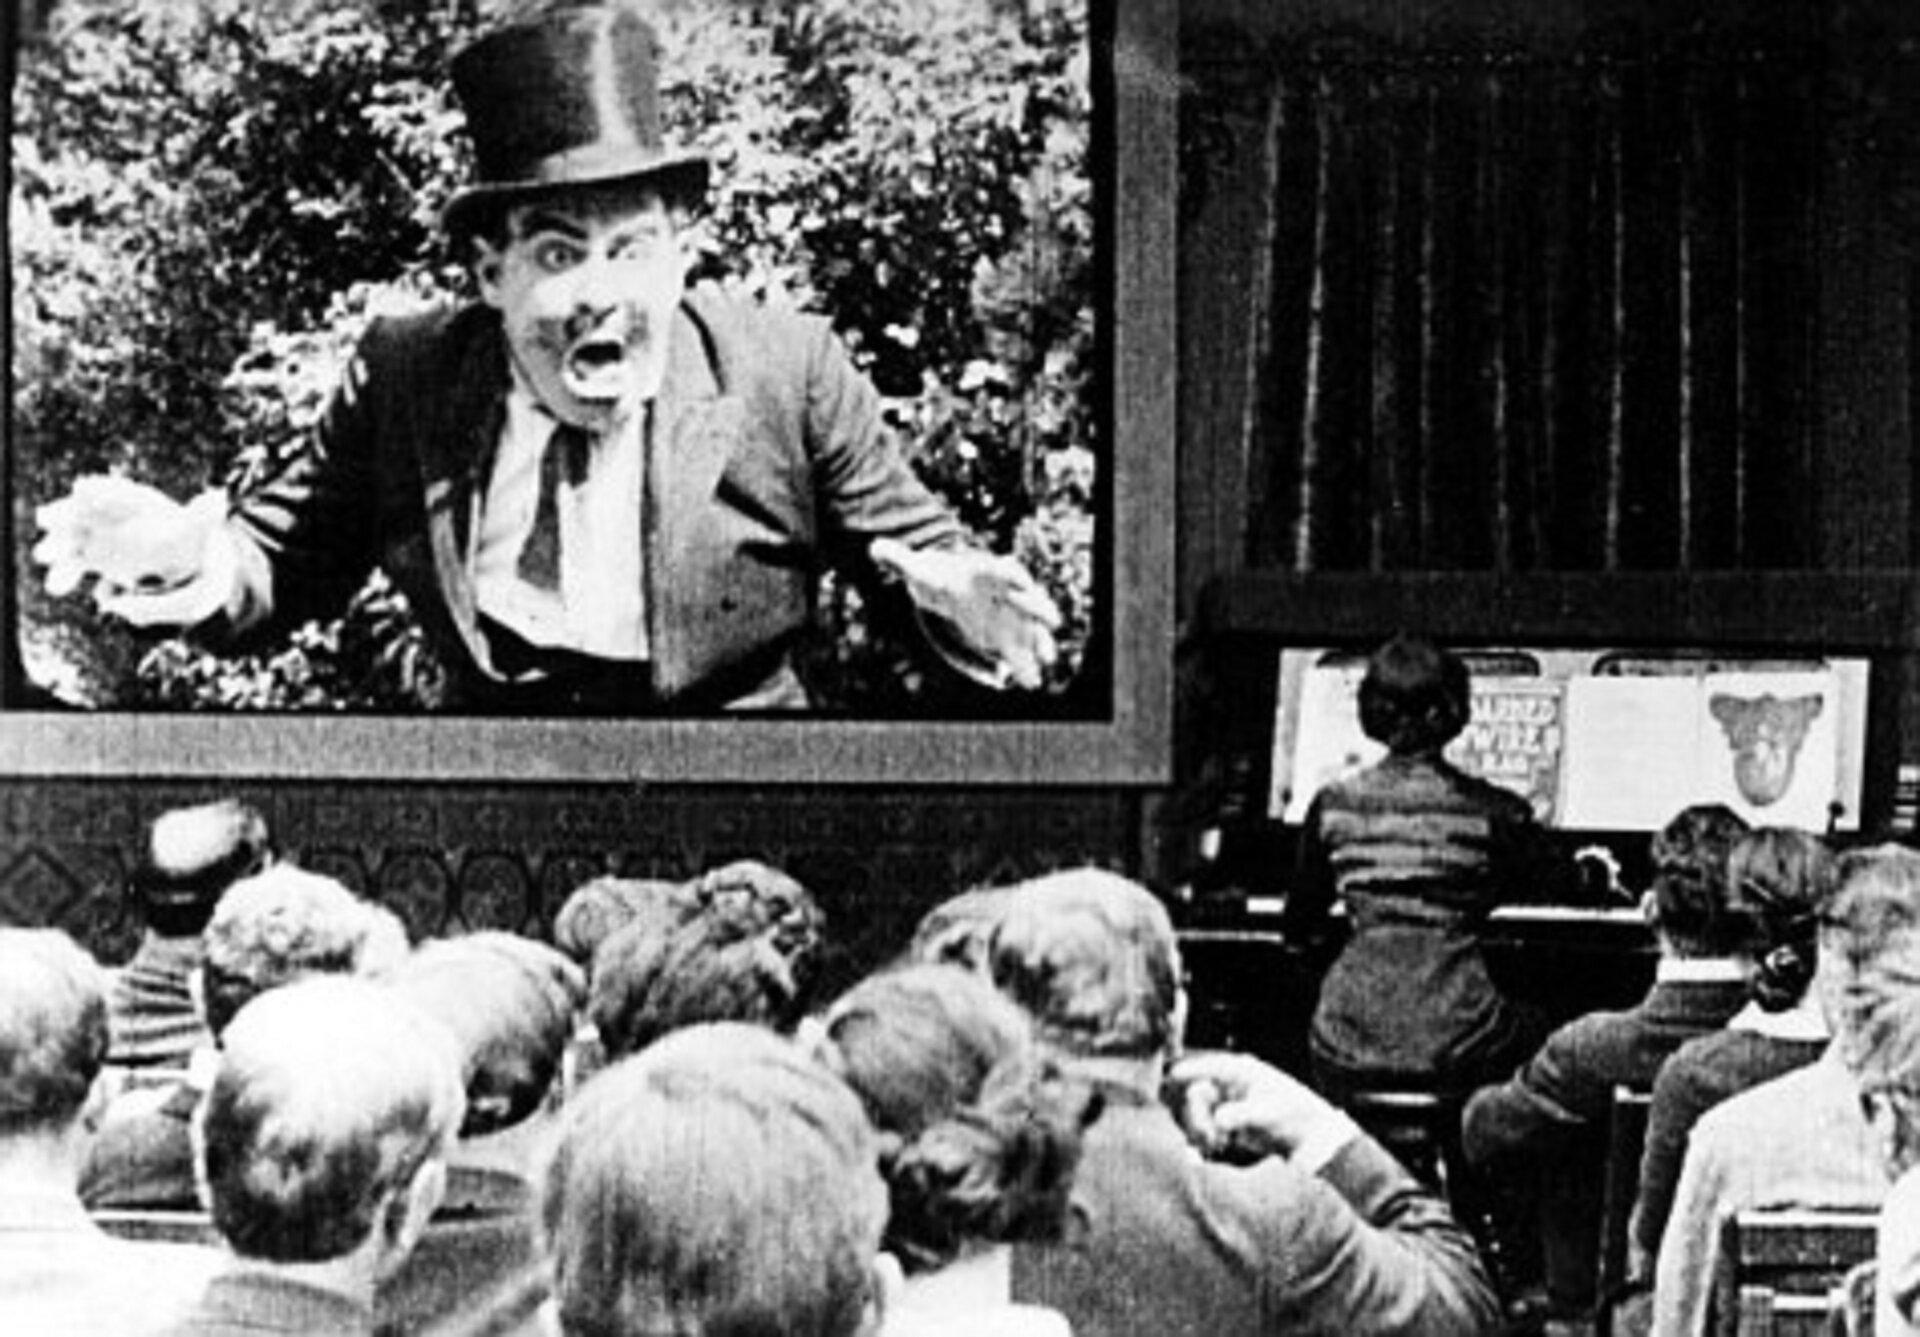 Fotografia przedstawia czarno białe zdjęcie pianisty wniemym kinie. Ilustracja przedstawia tapera wniemym kinie osoba grająca na pianinie lub organach teatralnych, improwizująca podkład muzyczny do wyświetlanych scen.